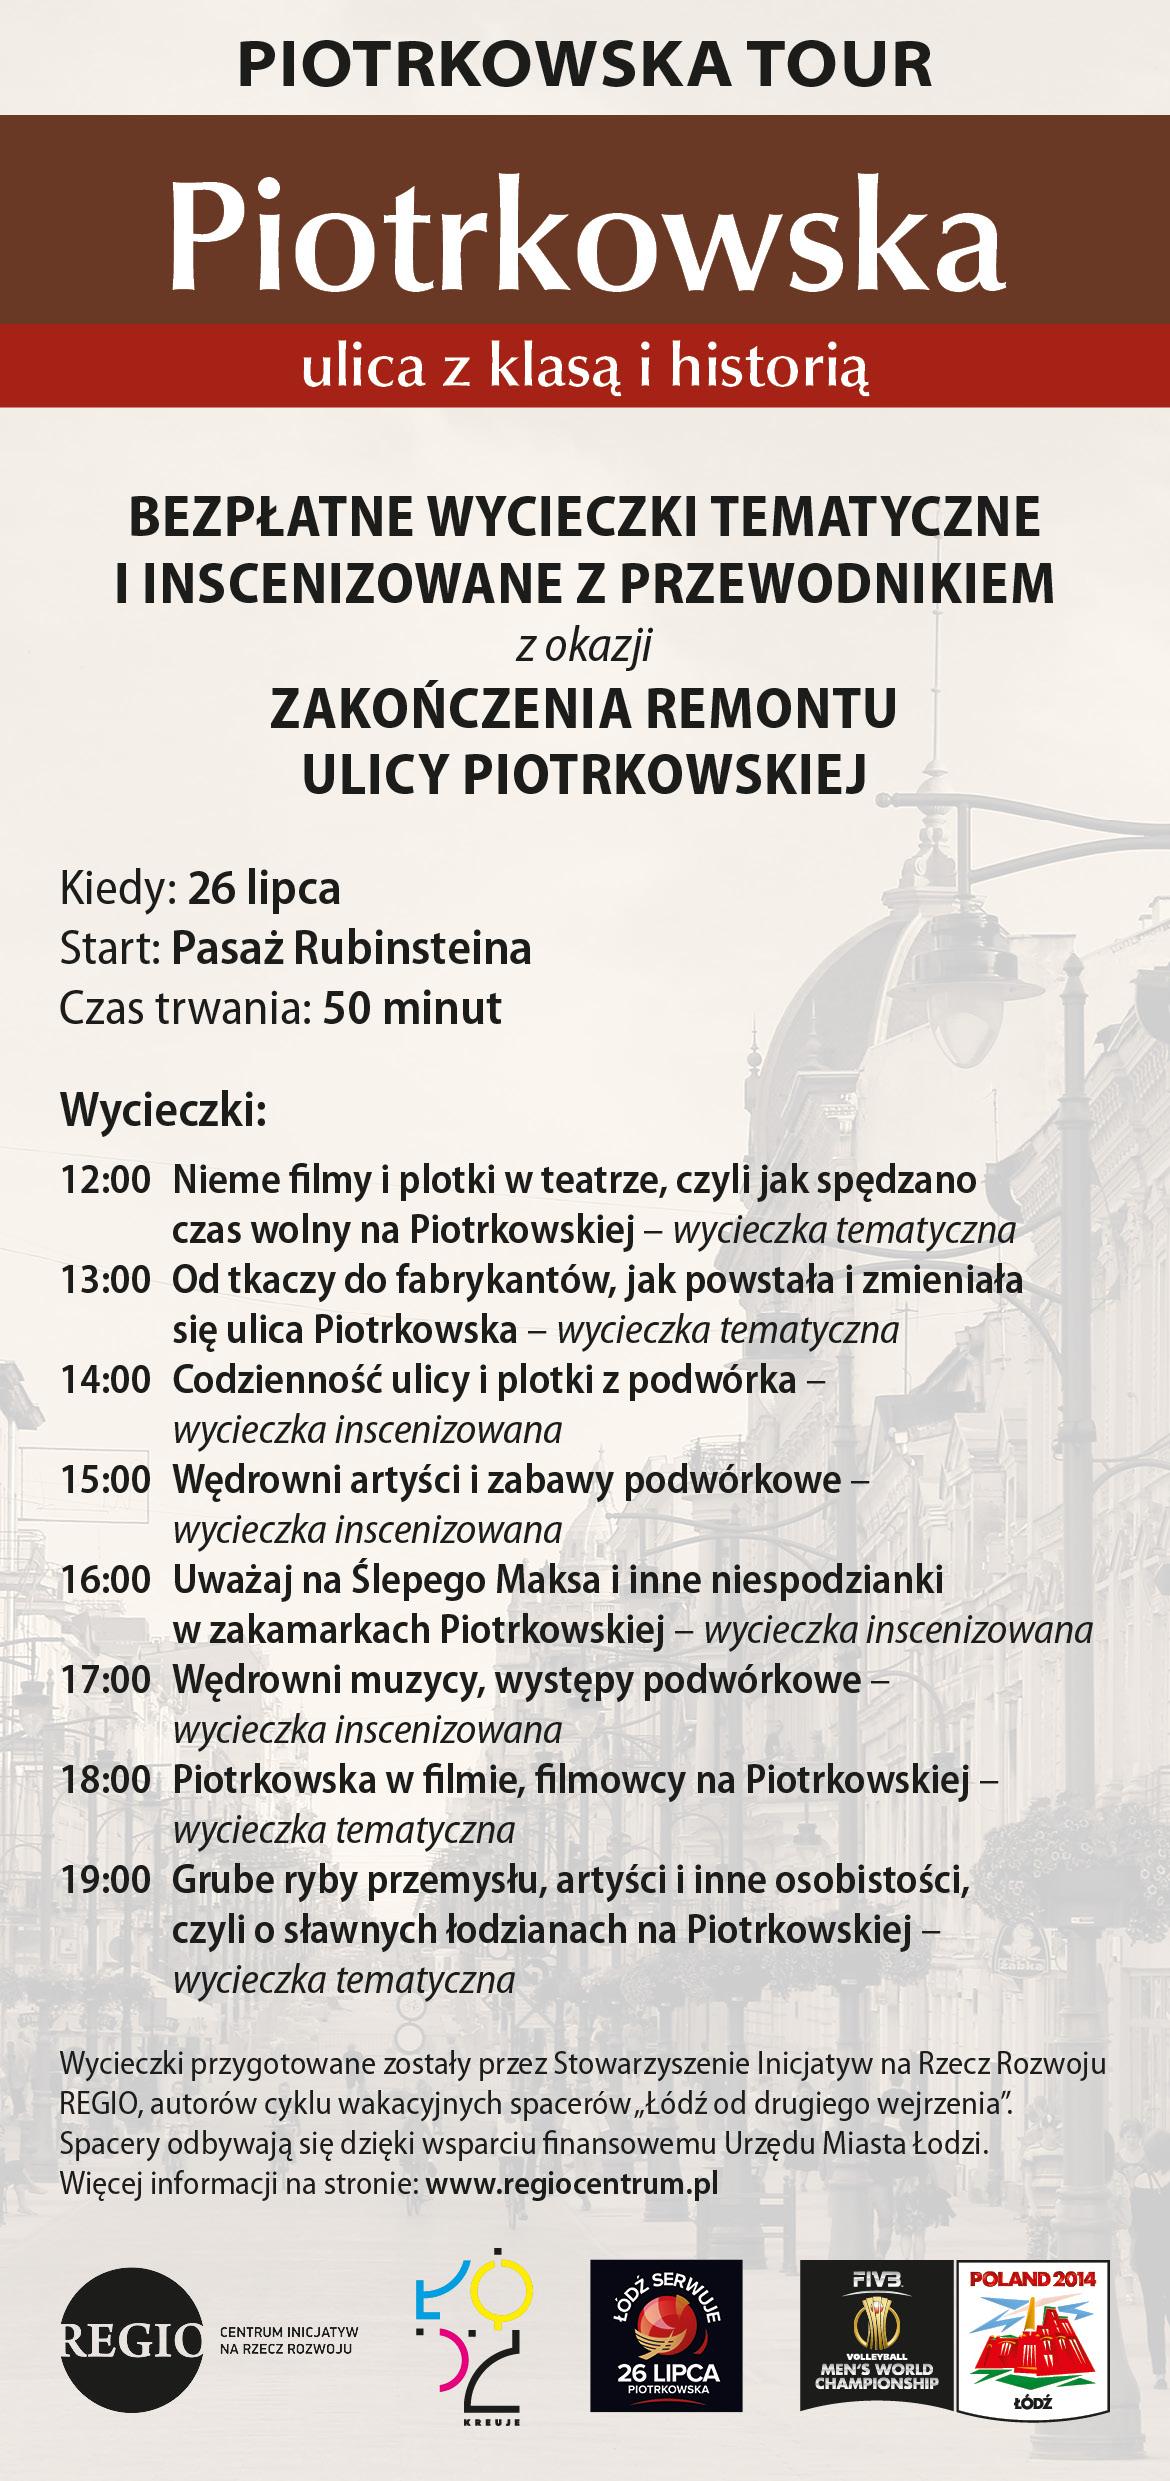 Stowarzyszenie_REGIO_Ulotka_Piotrkowska-sepia-piotrkowsk